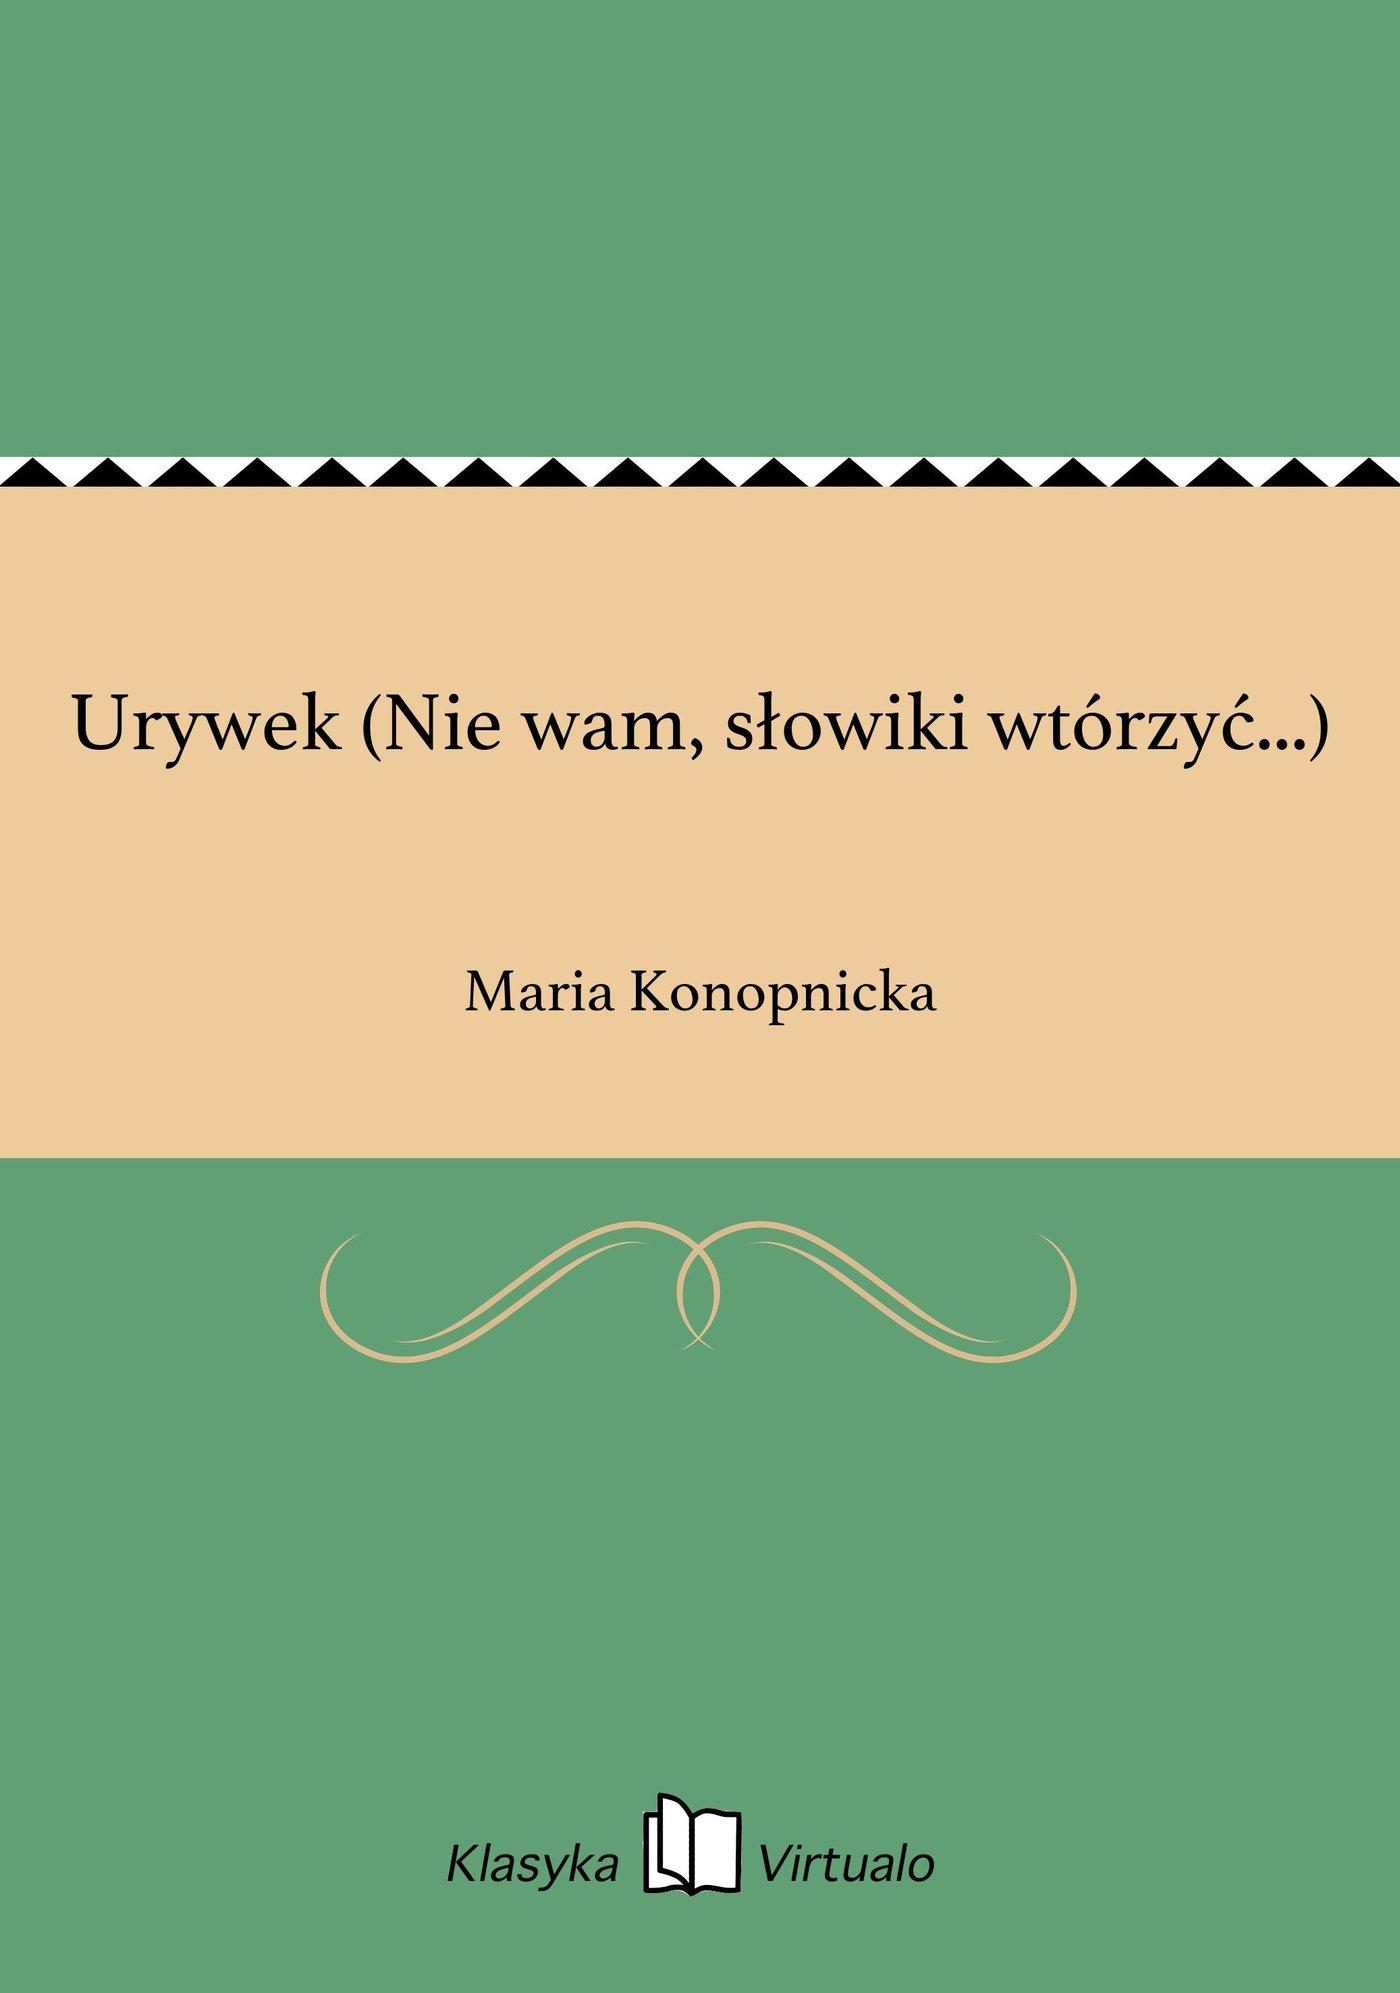 Urywek (Nie wam, słowiki wtórzyć...) - Ebook (Książka EPUB) do pobrania w formacie EPUB